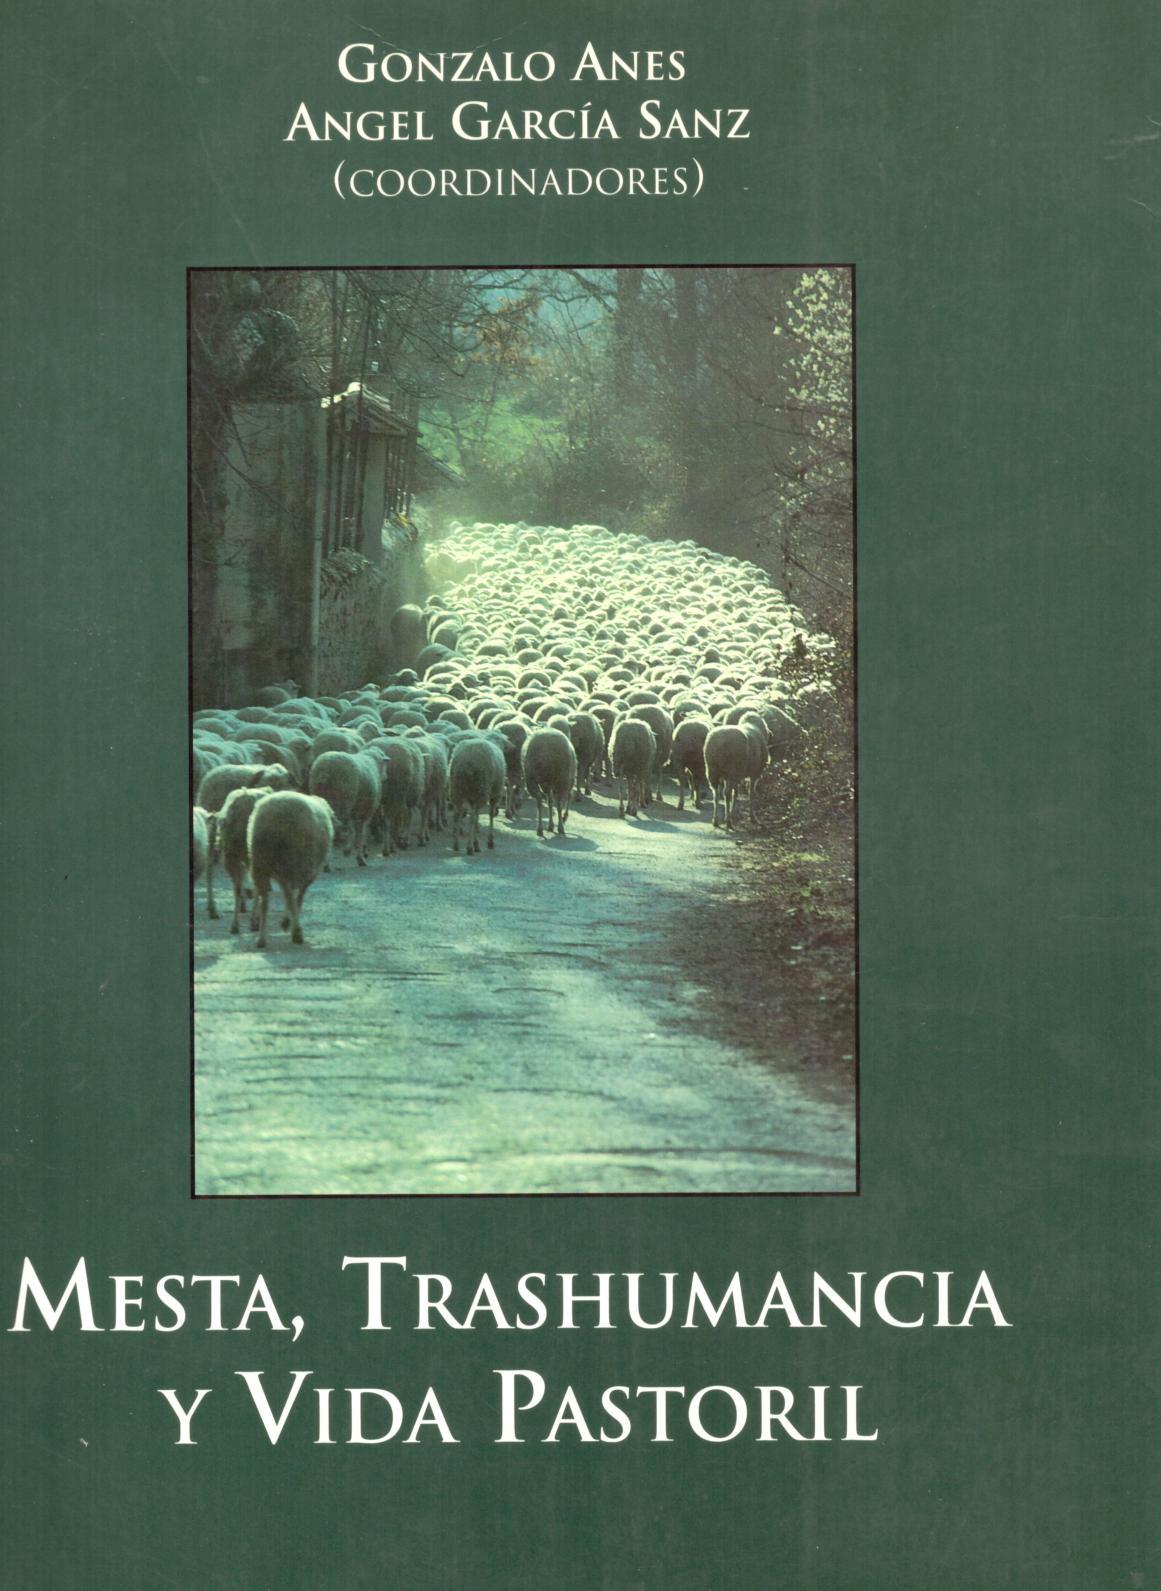 Mesta, trashumancia y vida pastoril por Gonzalo Anes y Angel García